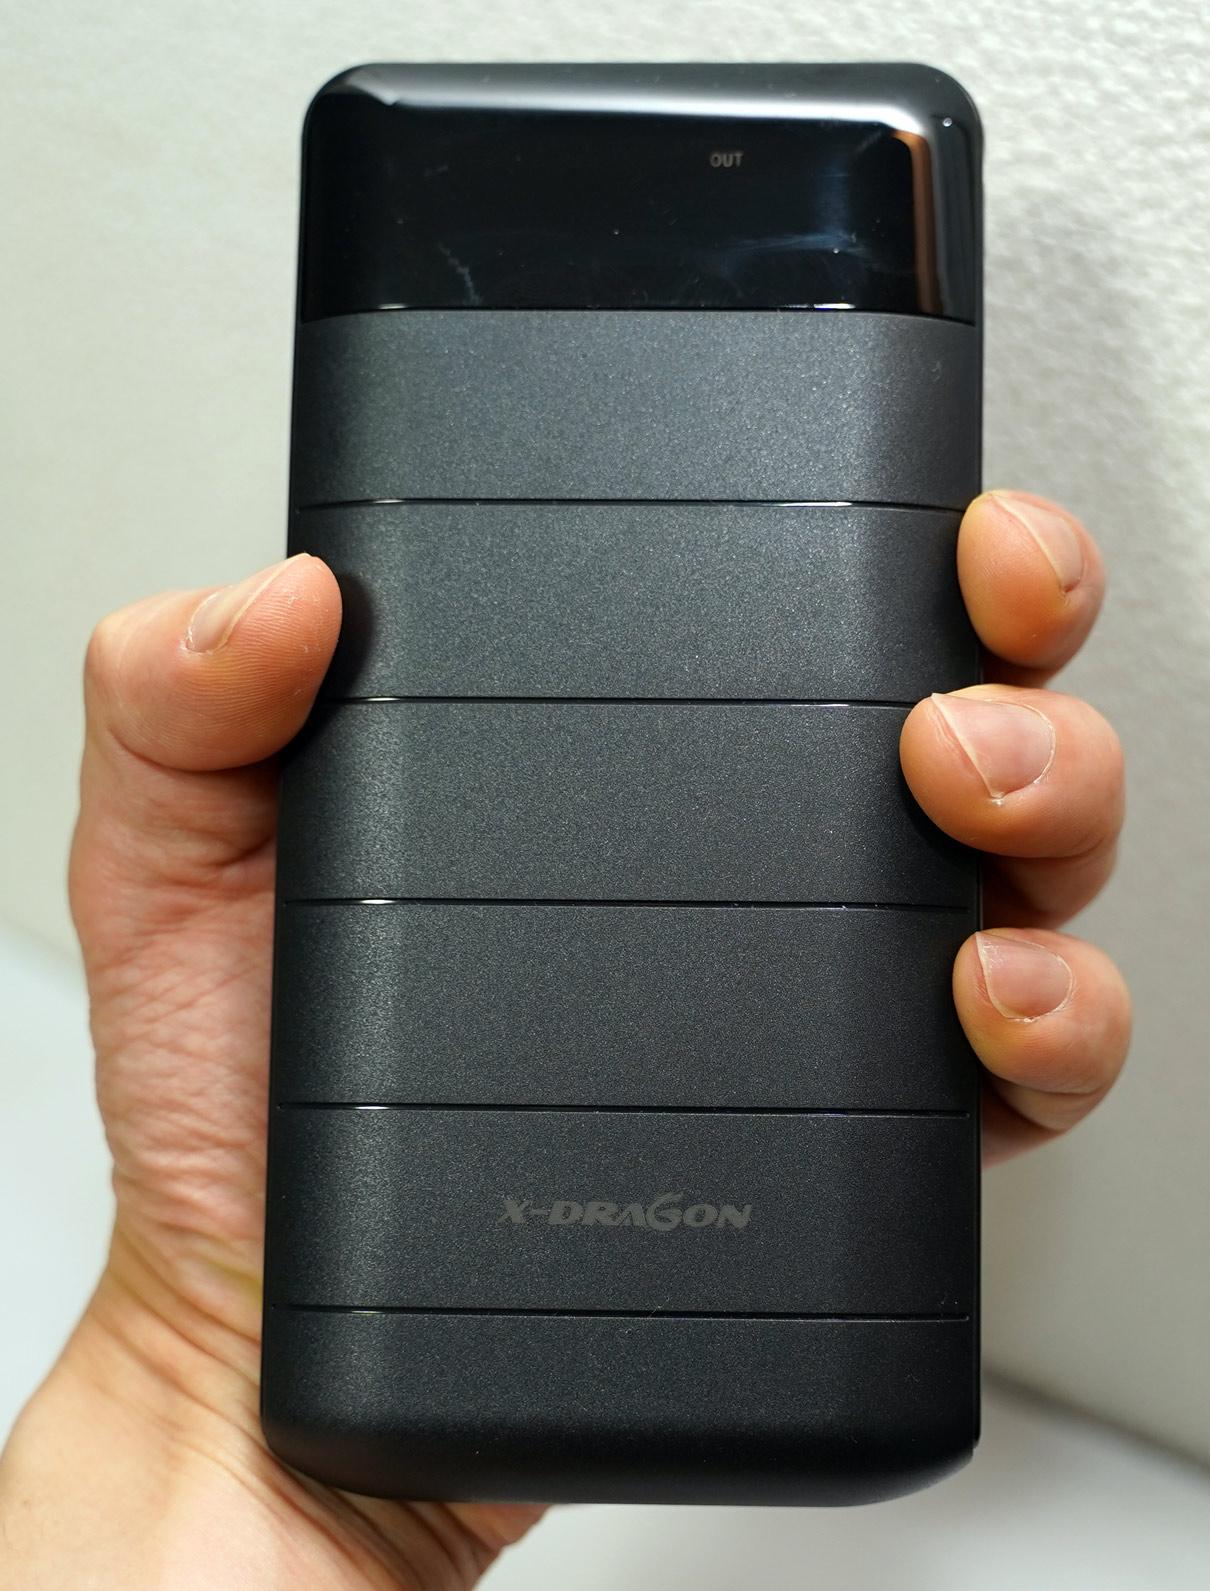 【激安中華】【レビュー】モバイルバッテリー X-DRAGON 20100mAhを買ってみた。実測8730mAh。デカすぎ注意。